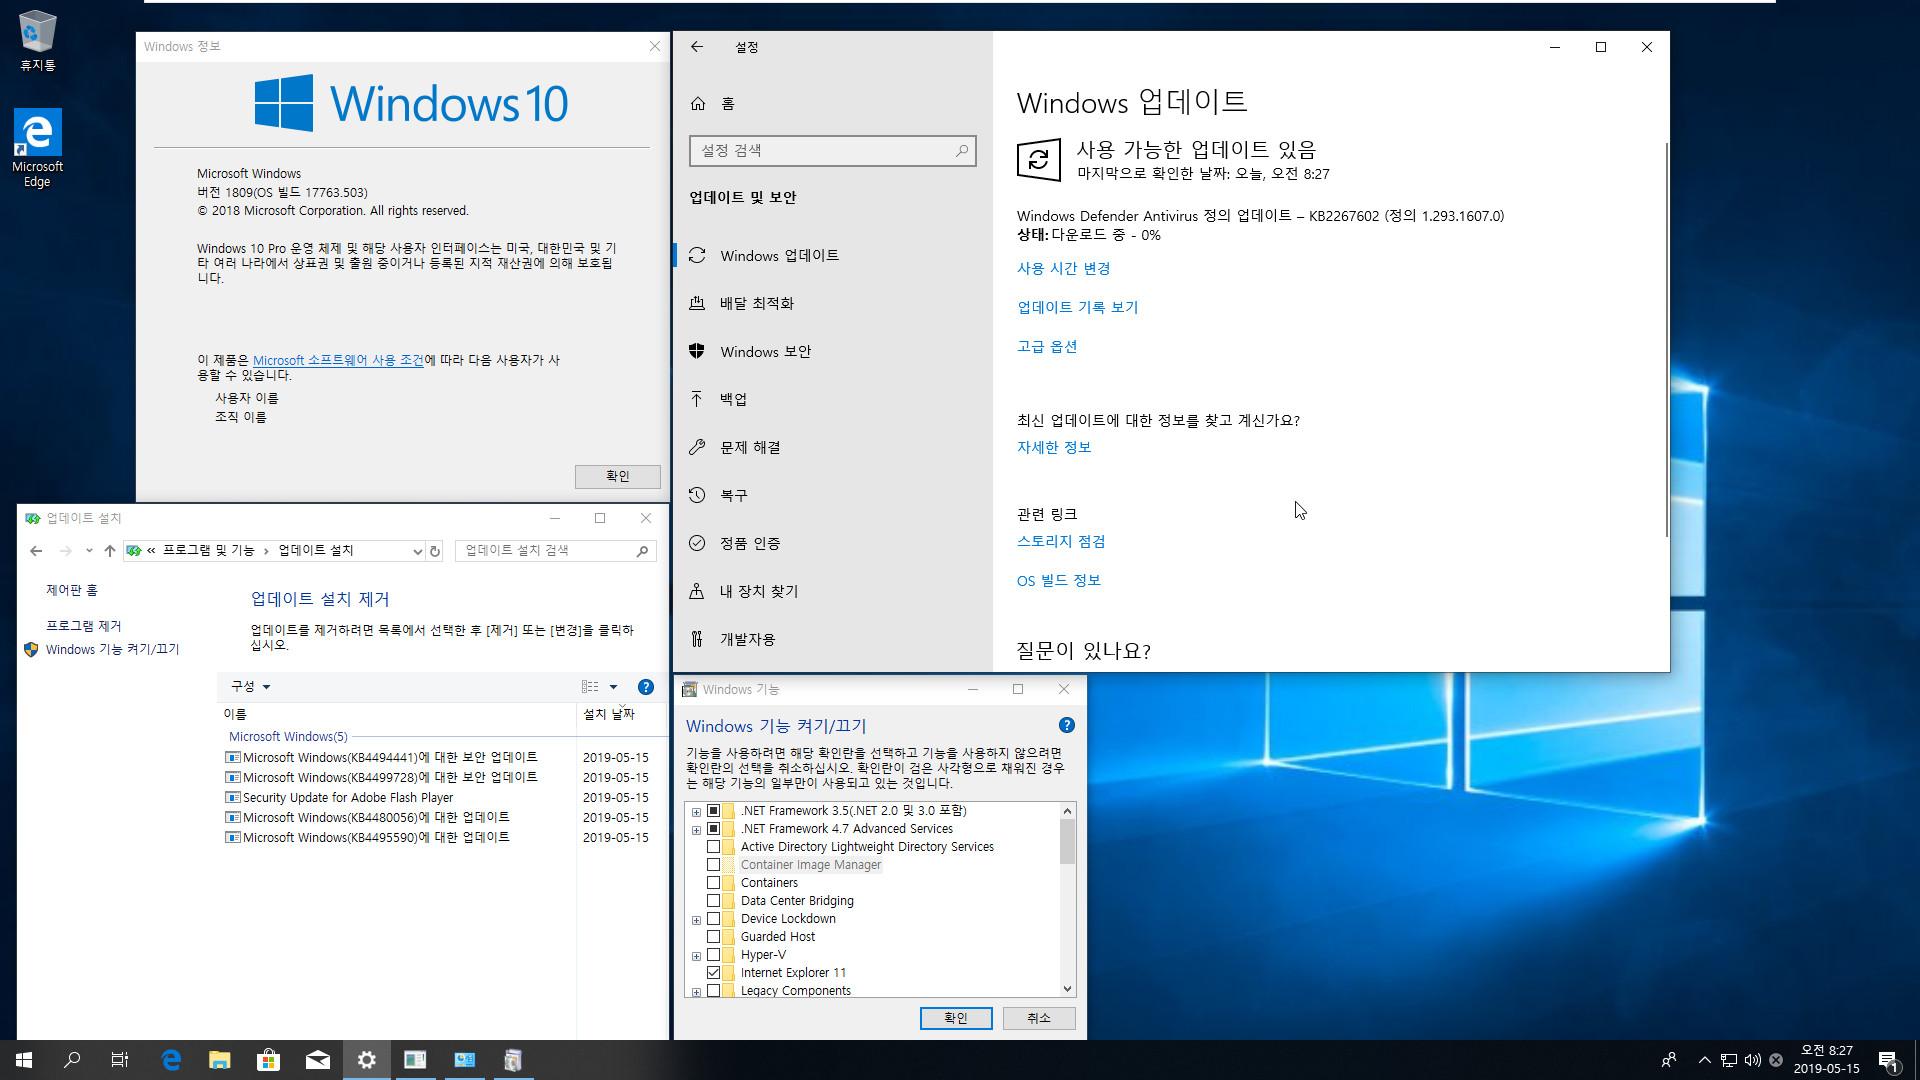 2019년 5월 15일 정기 업데이트 - Windows 10 버전 1809 누적 업데이트 KB4494441 (OS 빌드 17763.503) [2019-05-14 일자] 통합중 입니다 2019-05-15_082744.jpg